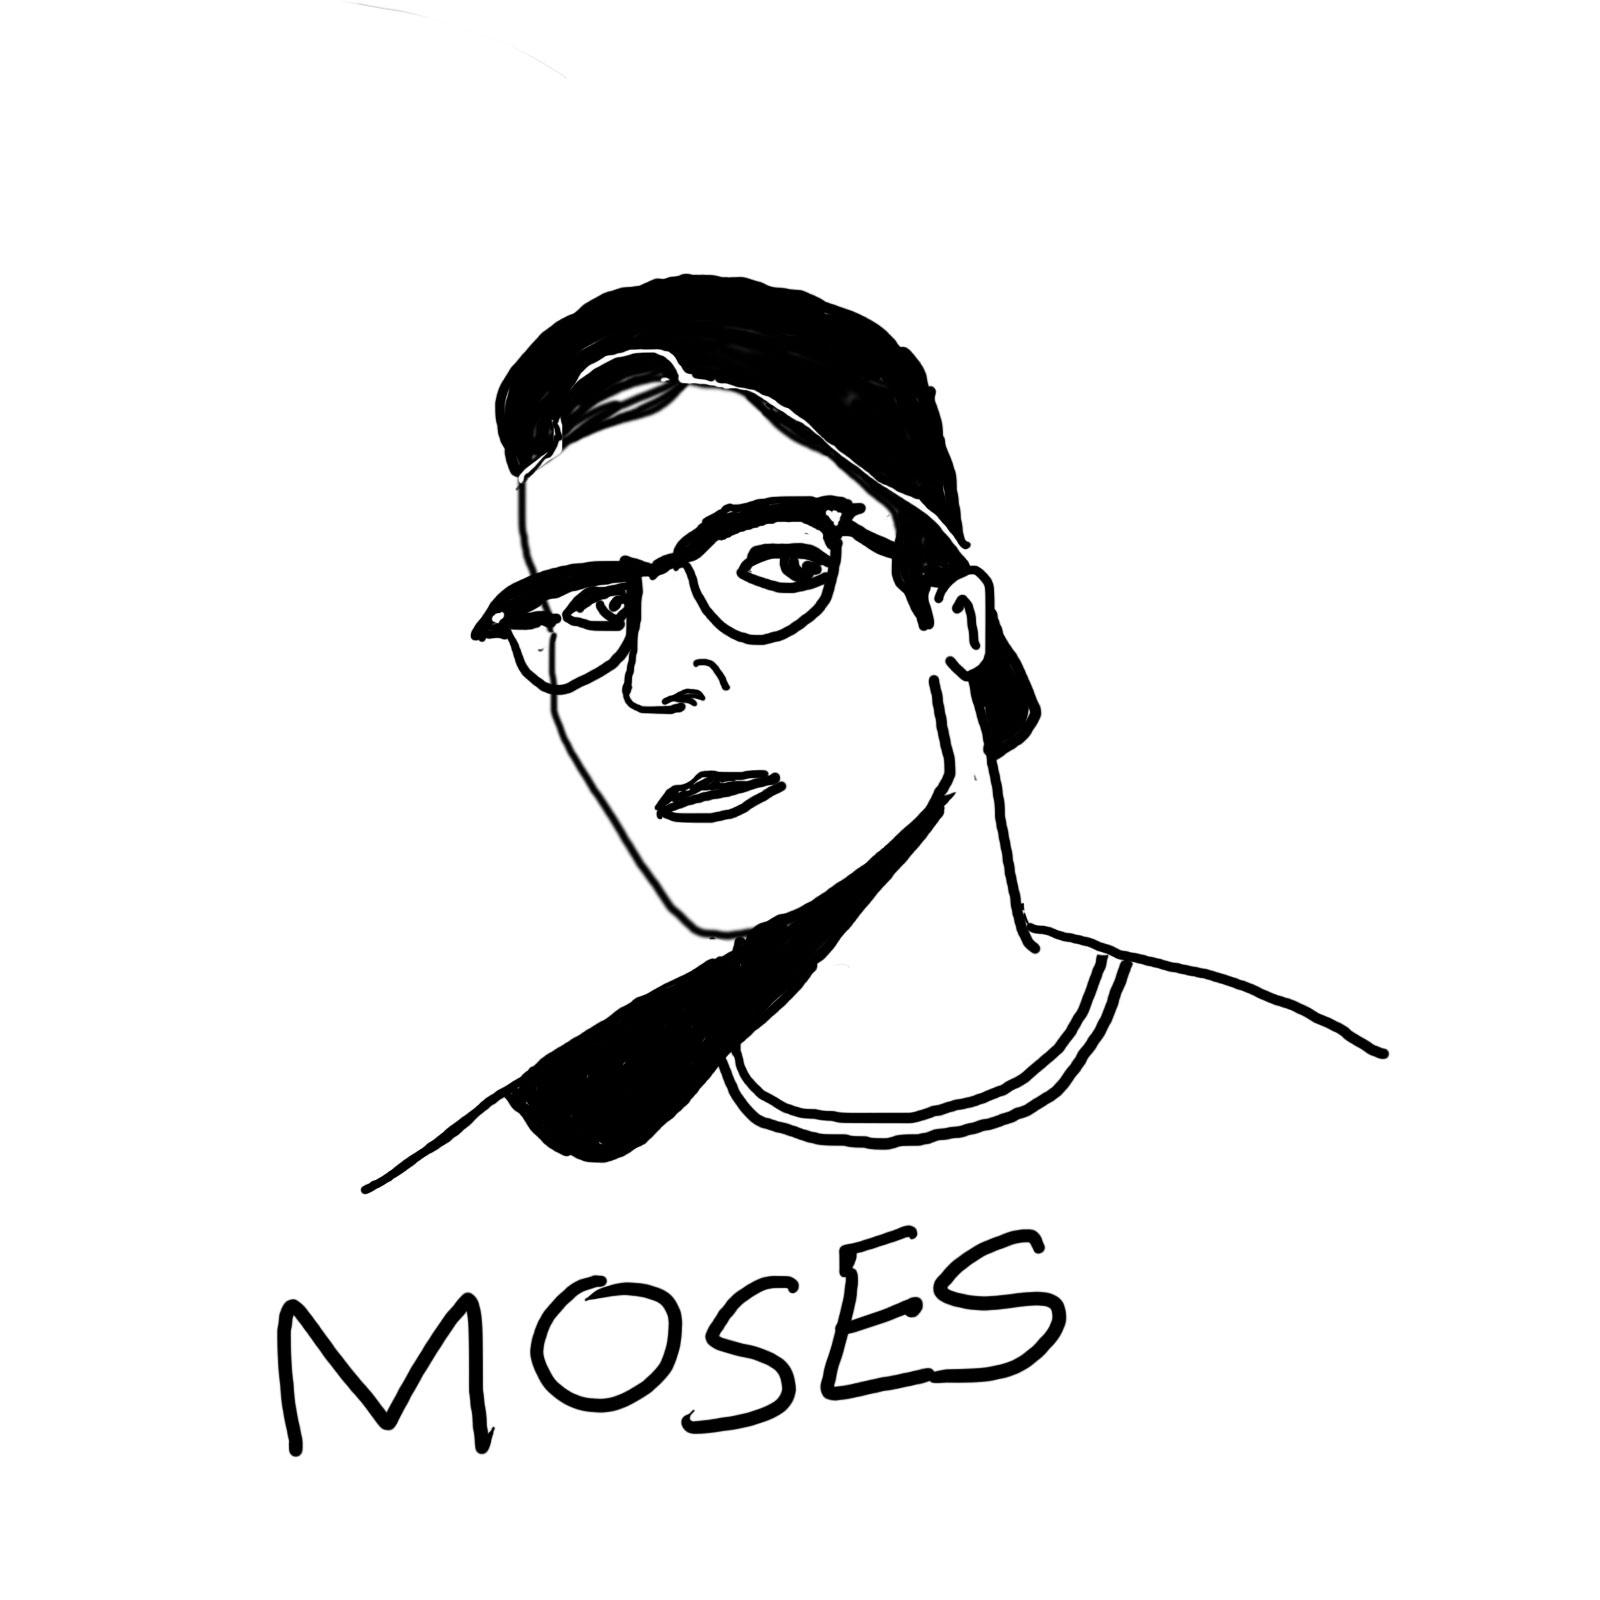 Moses Maynez